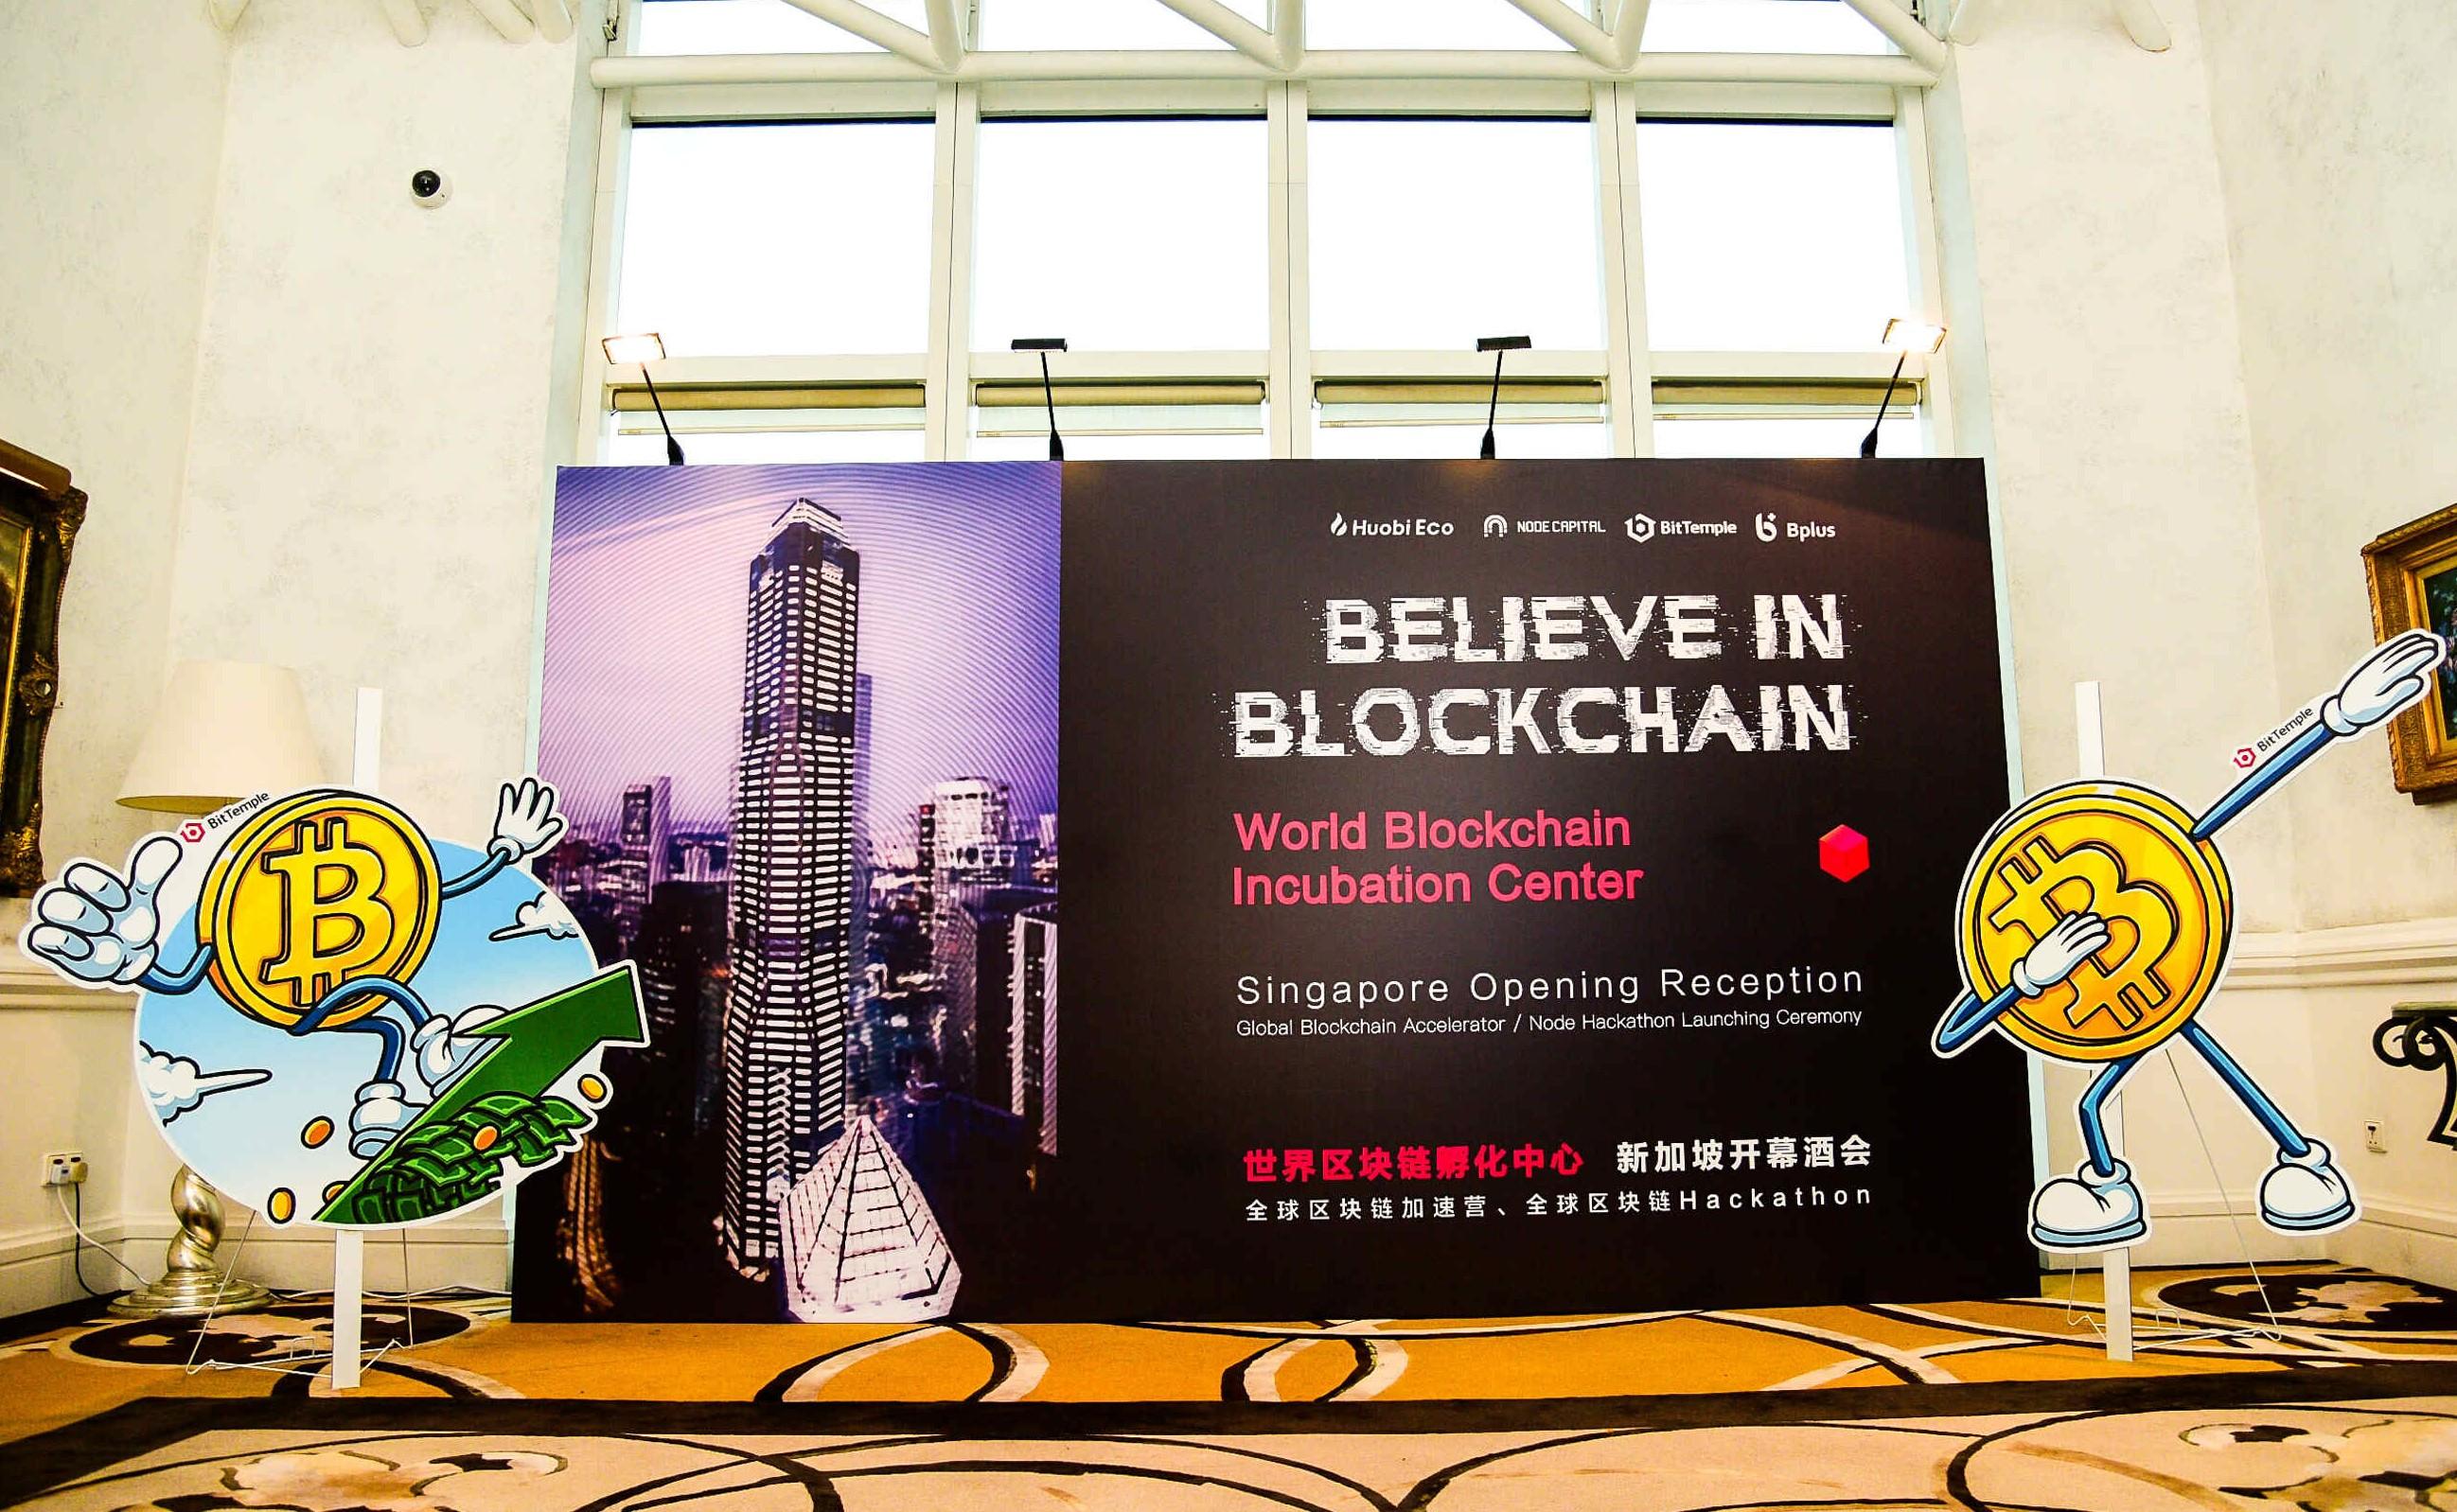 世界区块链孵化中心在新加坡开幕 启动全球区块链加速营及全球区块链Hackathon 成立BUS联合体